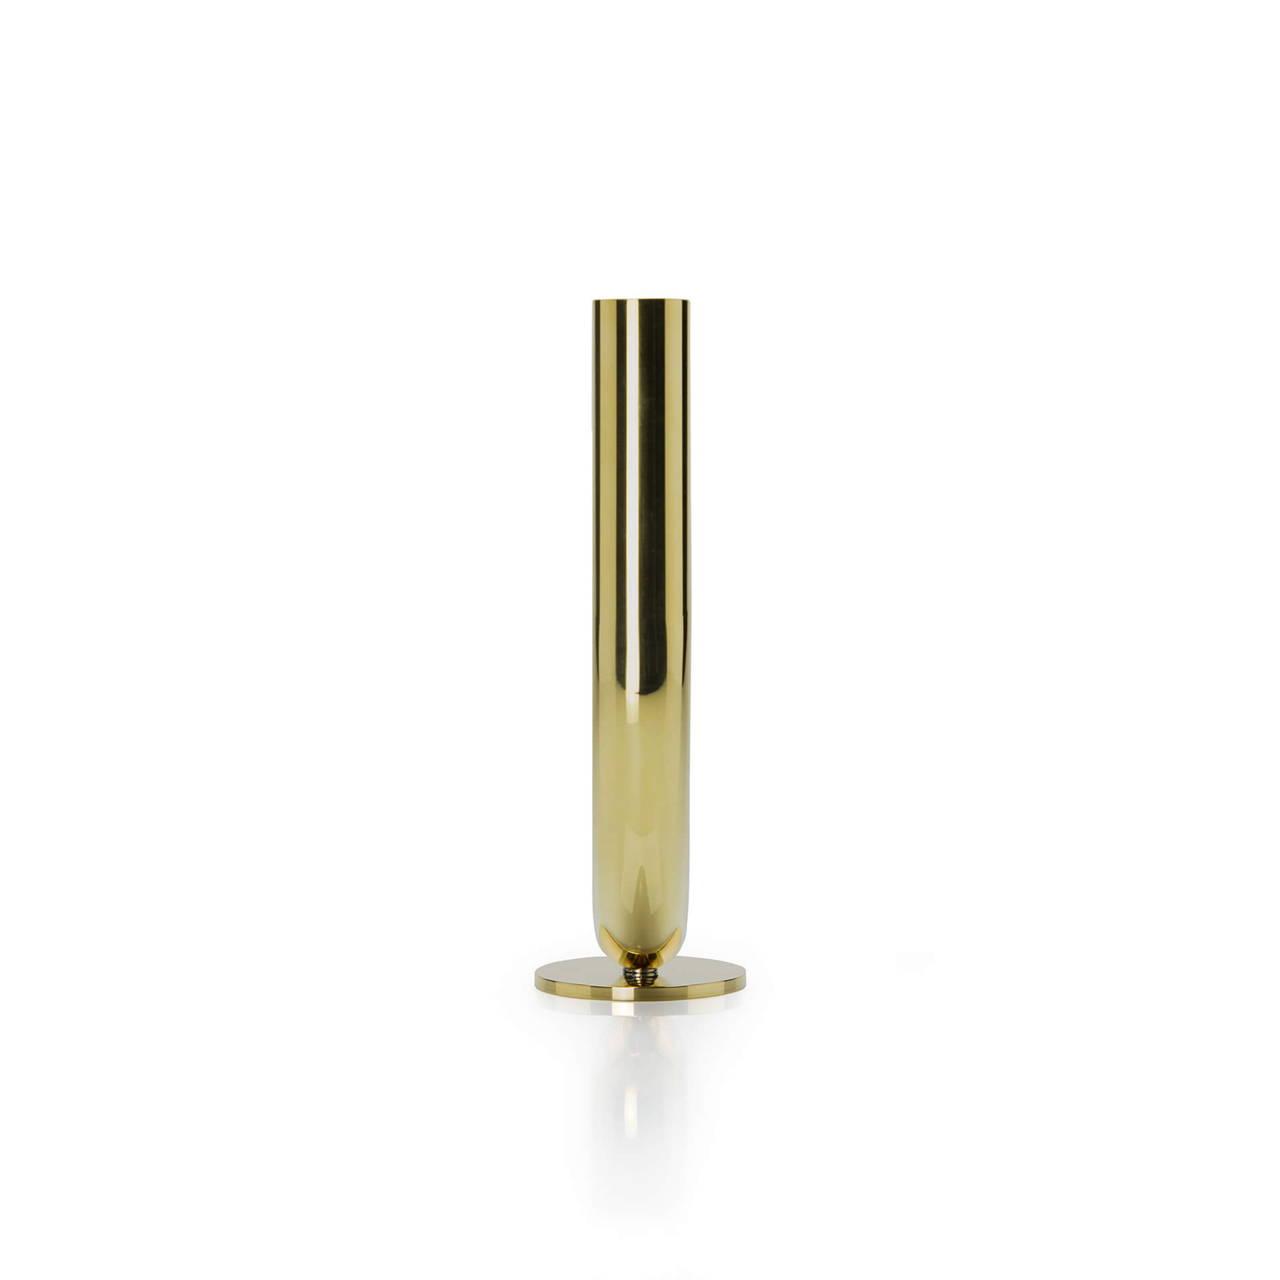 U Candleholder in Brass side profile